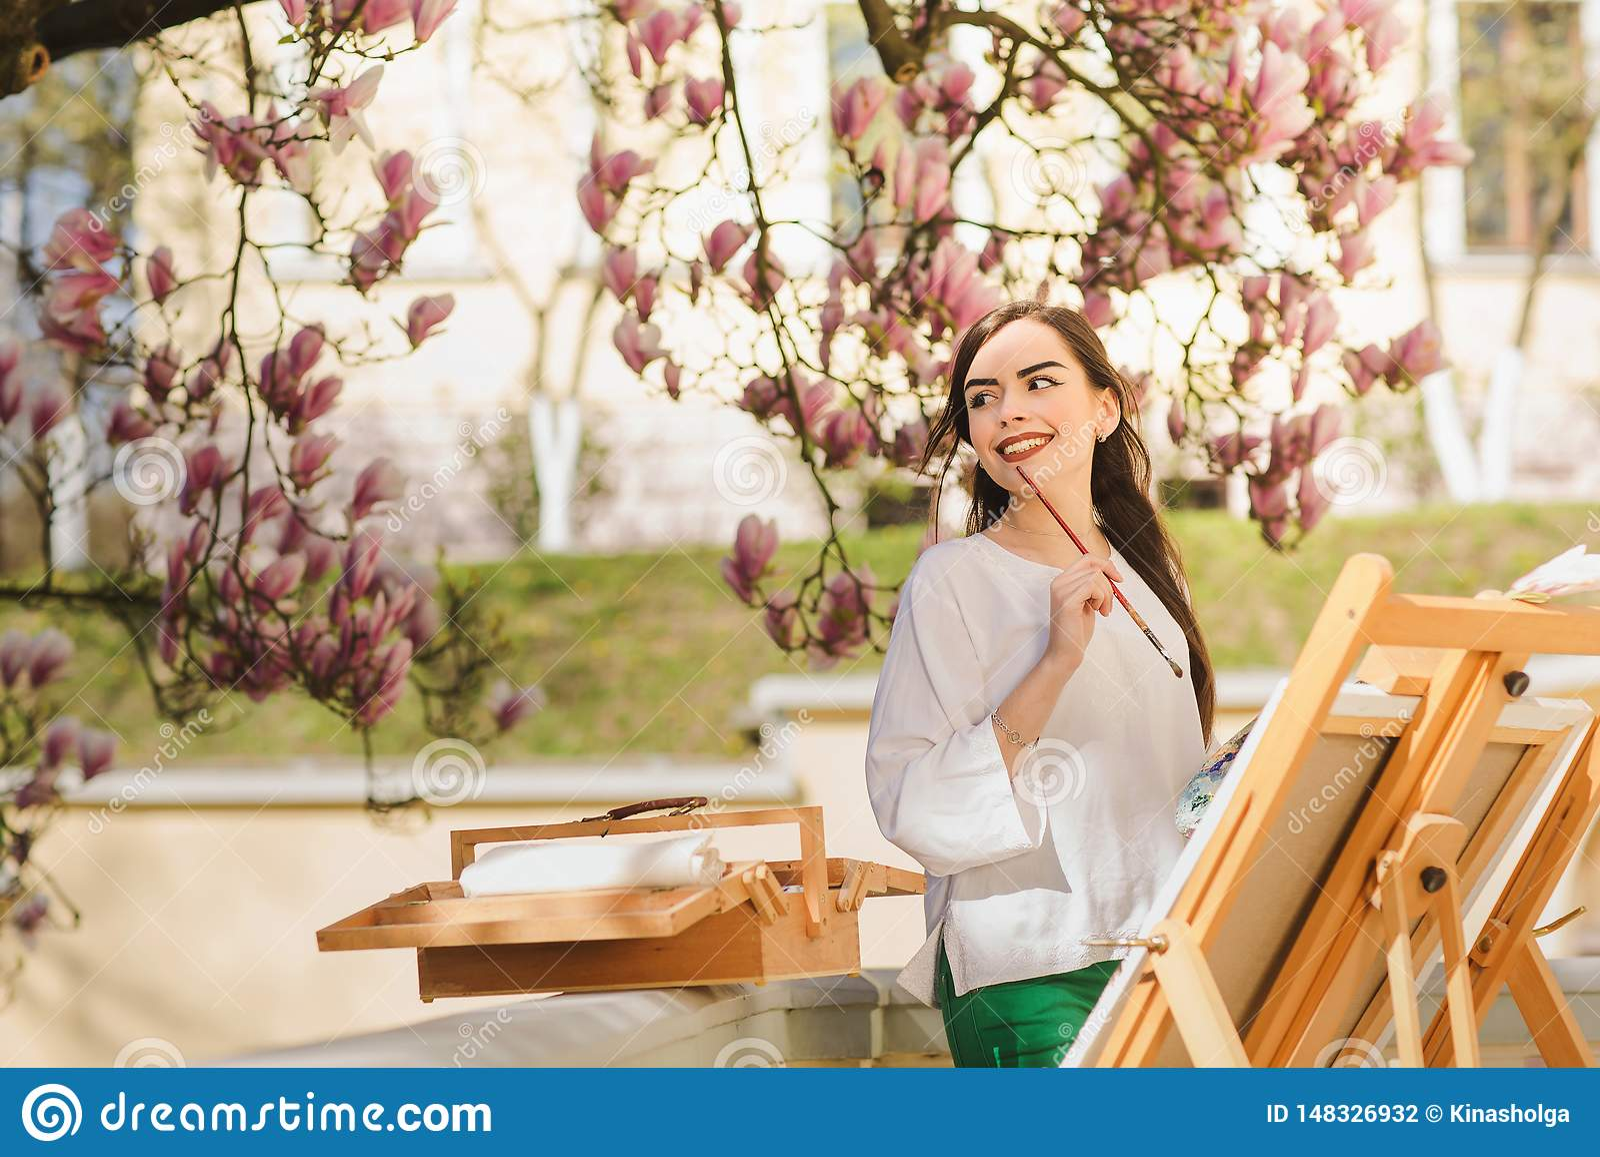 Ung brunettkvinnakonstn?r som rymmer i h?nder en borste och en palett N?ra henne magnoliatr?det och den olika konstutrustningen